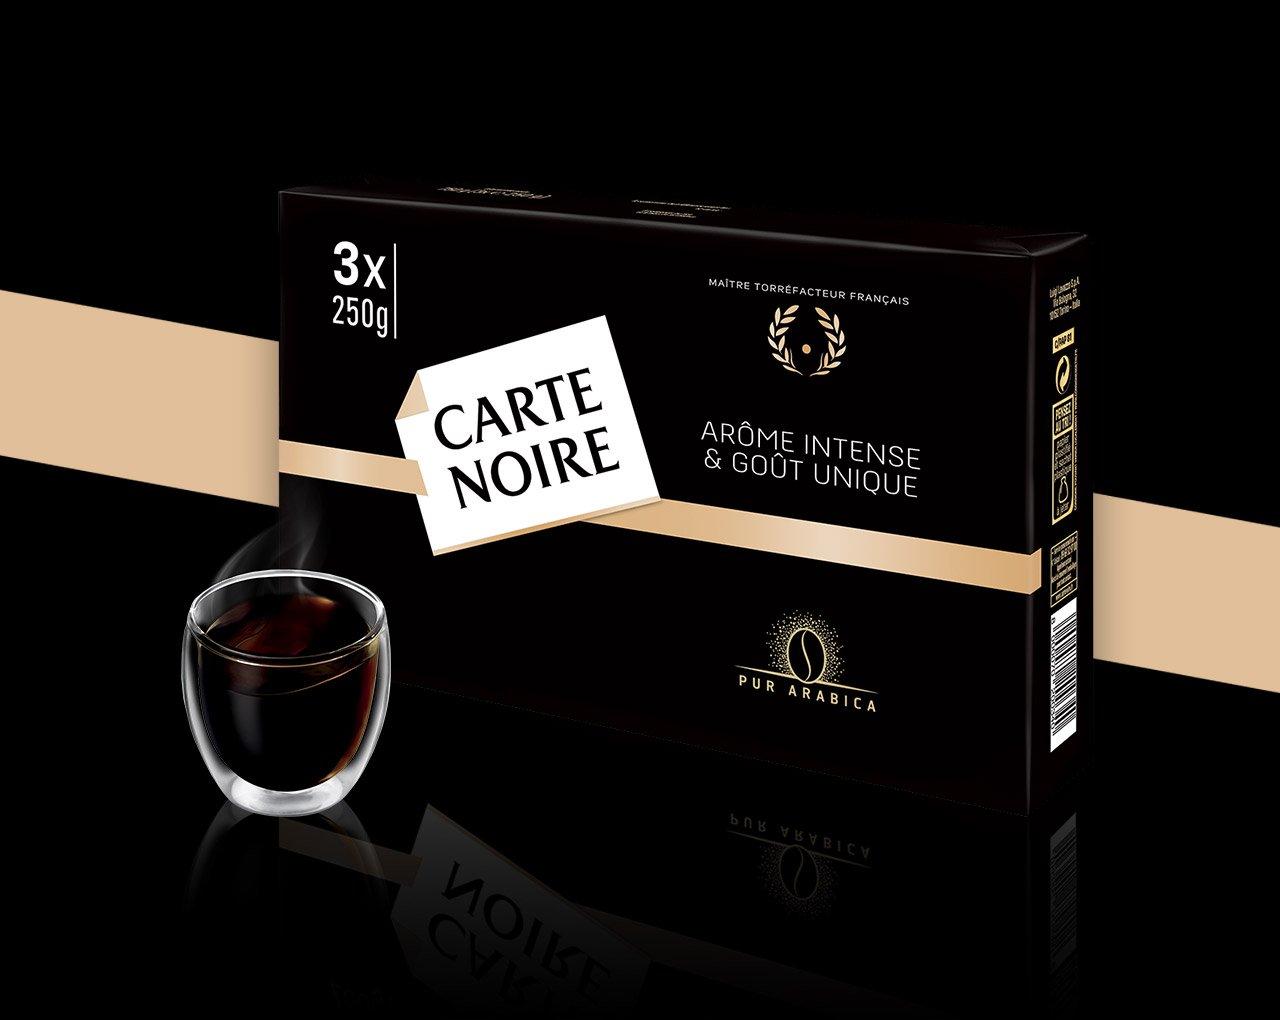 CARTE NOIRE CLASSIQUE - Café torréfié moulu